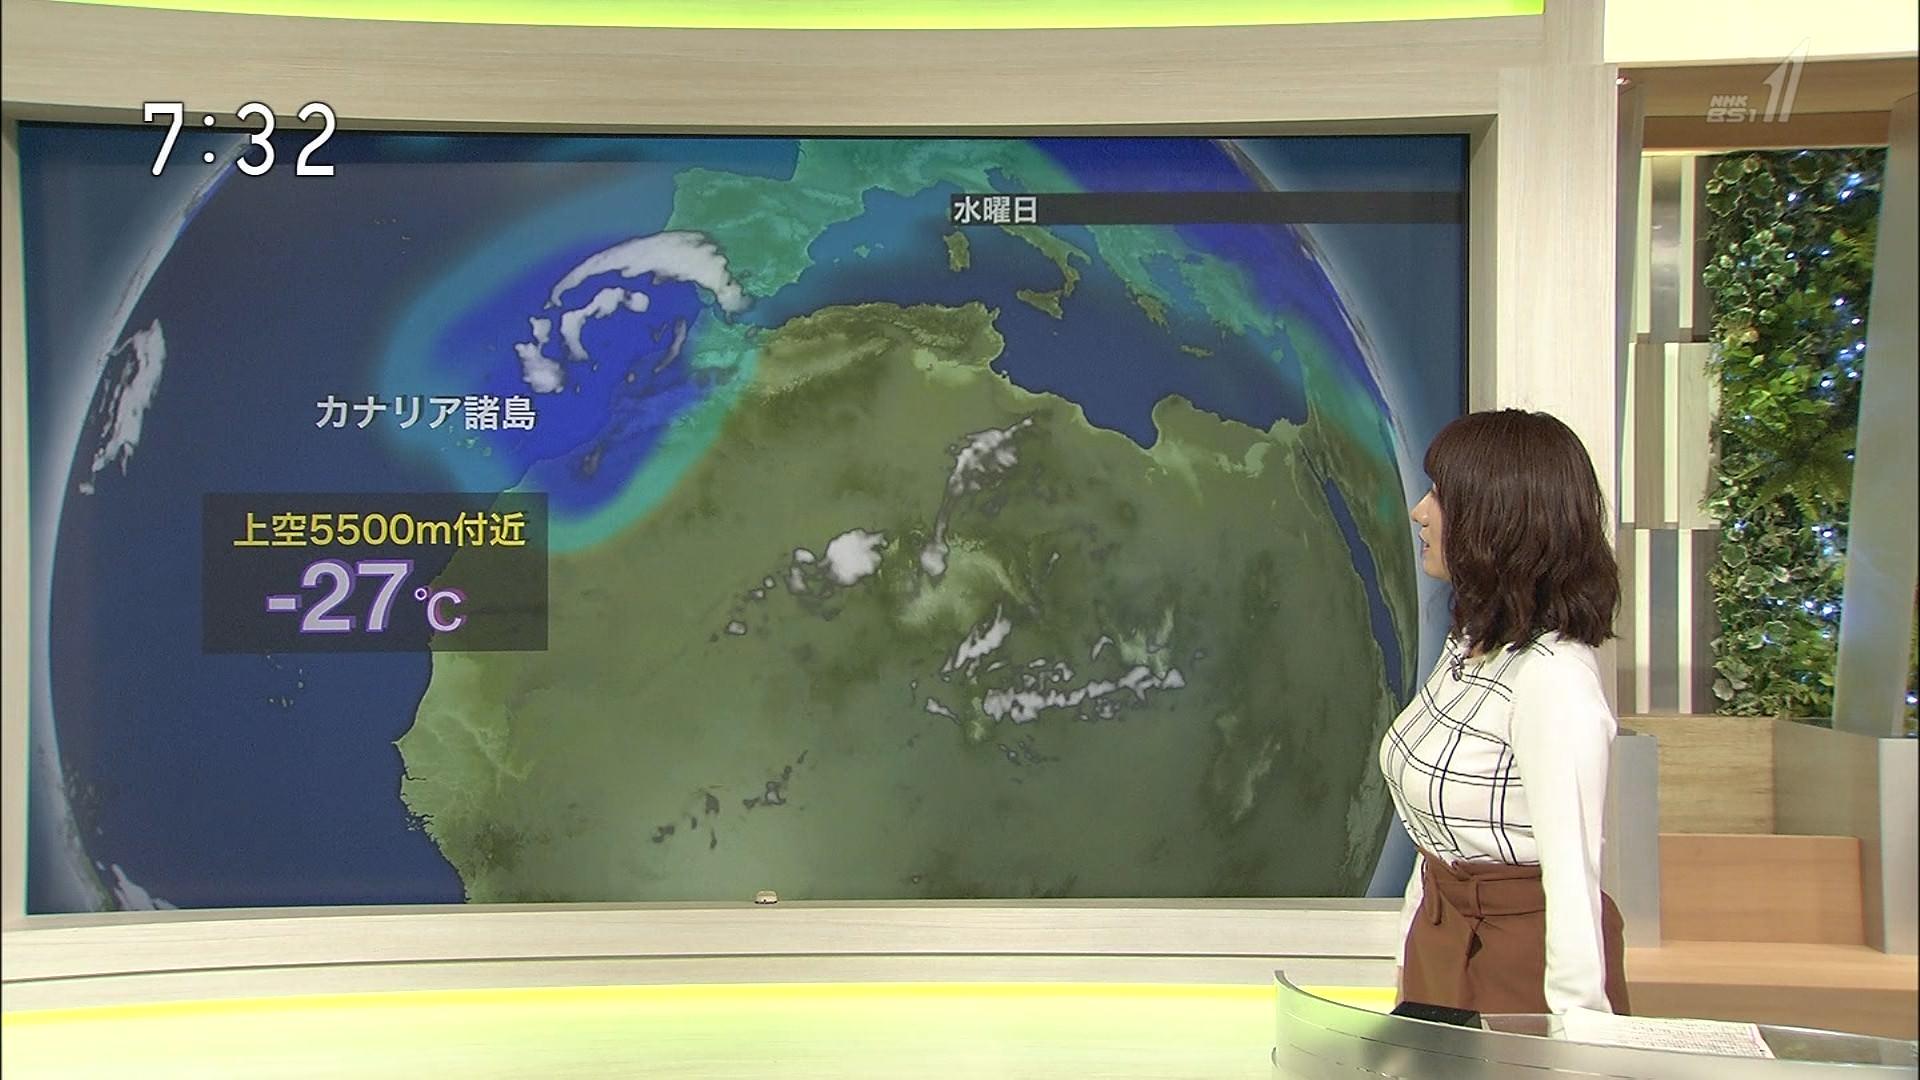 吉井明子 デカパイ気象予報士のサイクロンロケット乳色っぽい写真